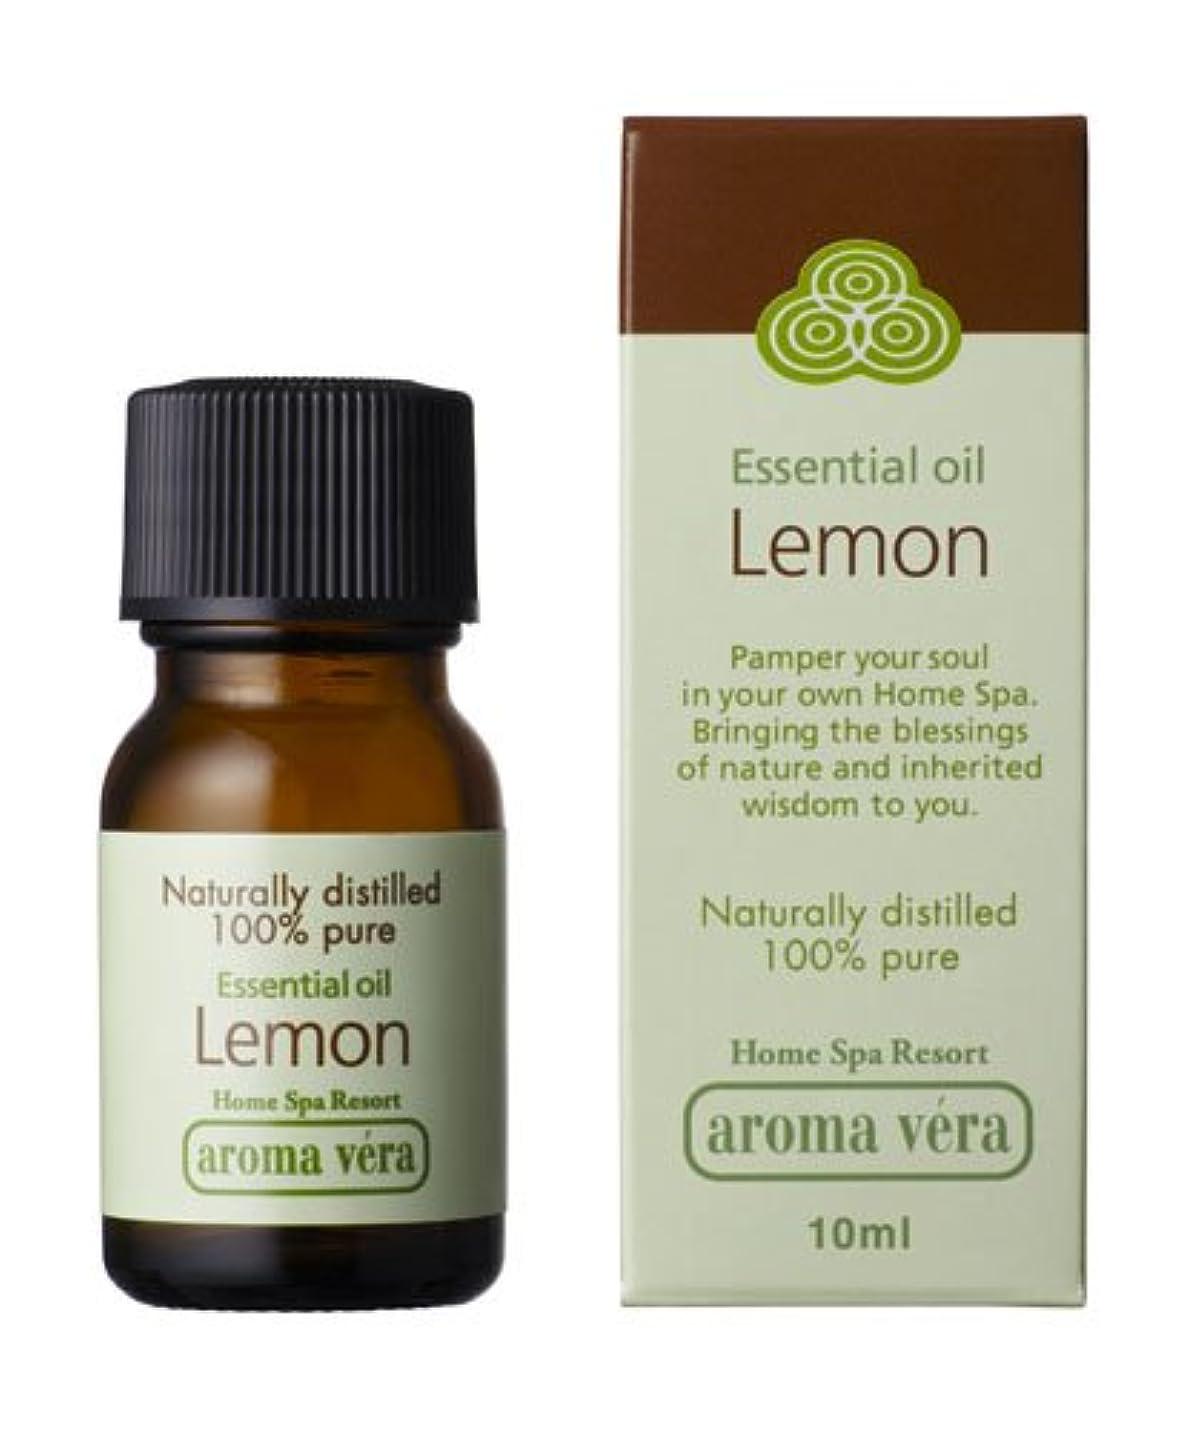 スリチンモイ支援するについてアロマベラ エッセンシャルオイル レモン 10ml